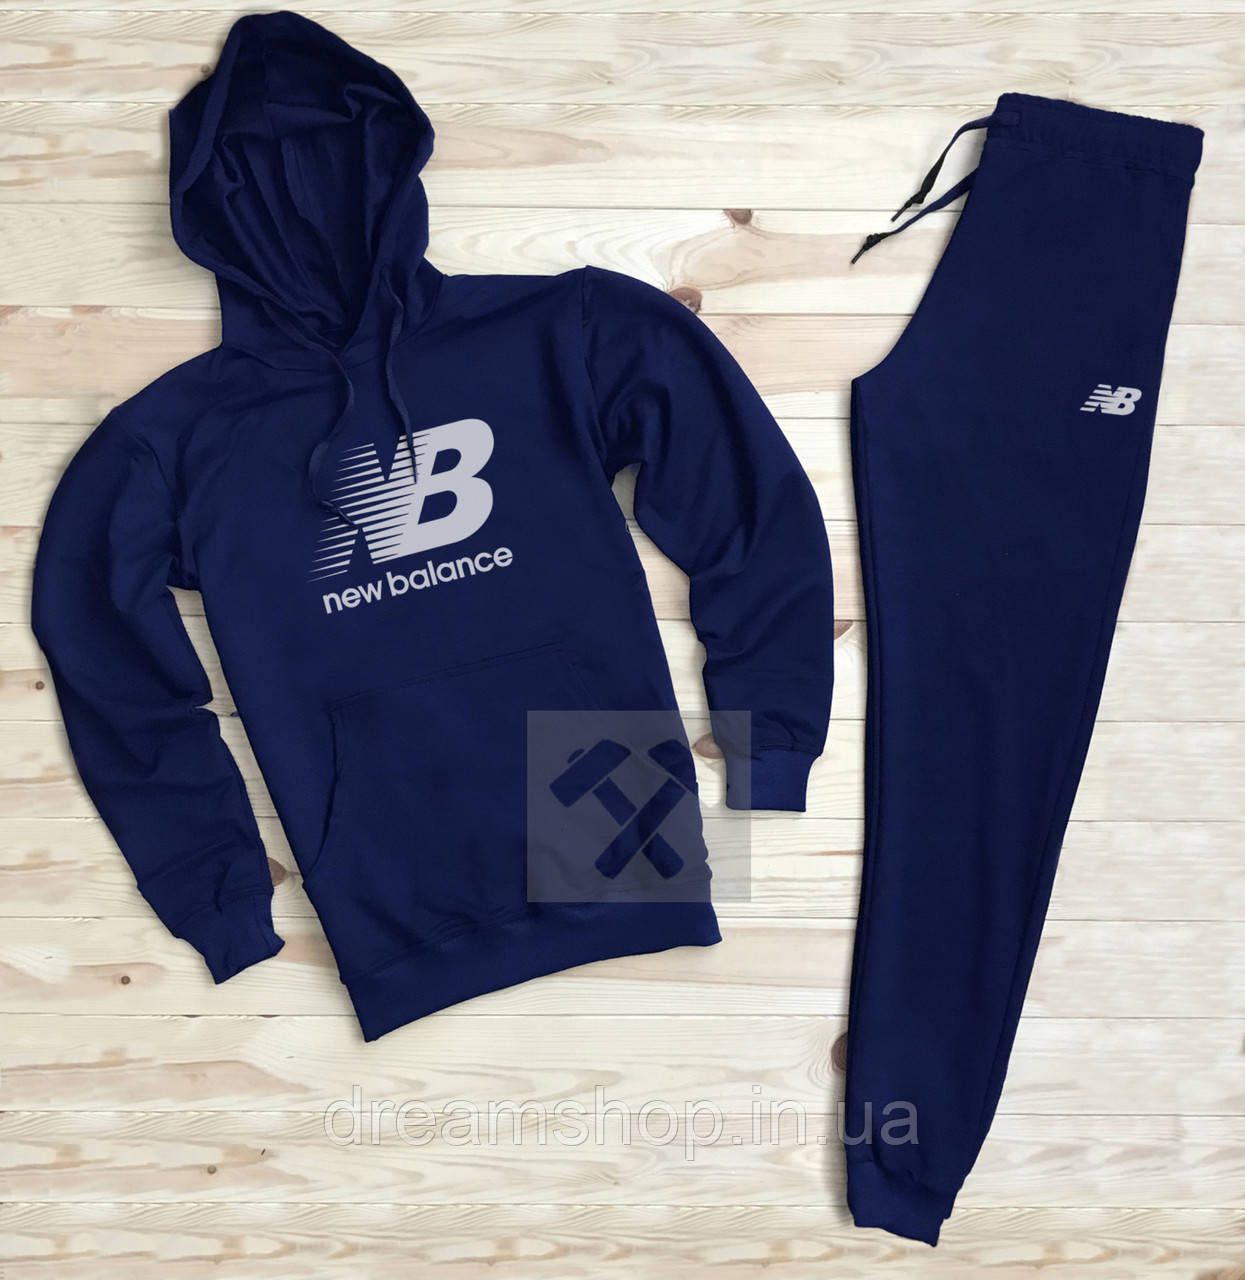 Мужской спортивный костюм худи и штаны на манжете Нью Беланс, спортивный костюм New Balance